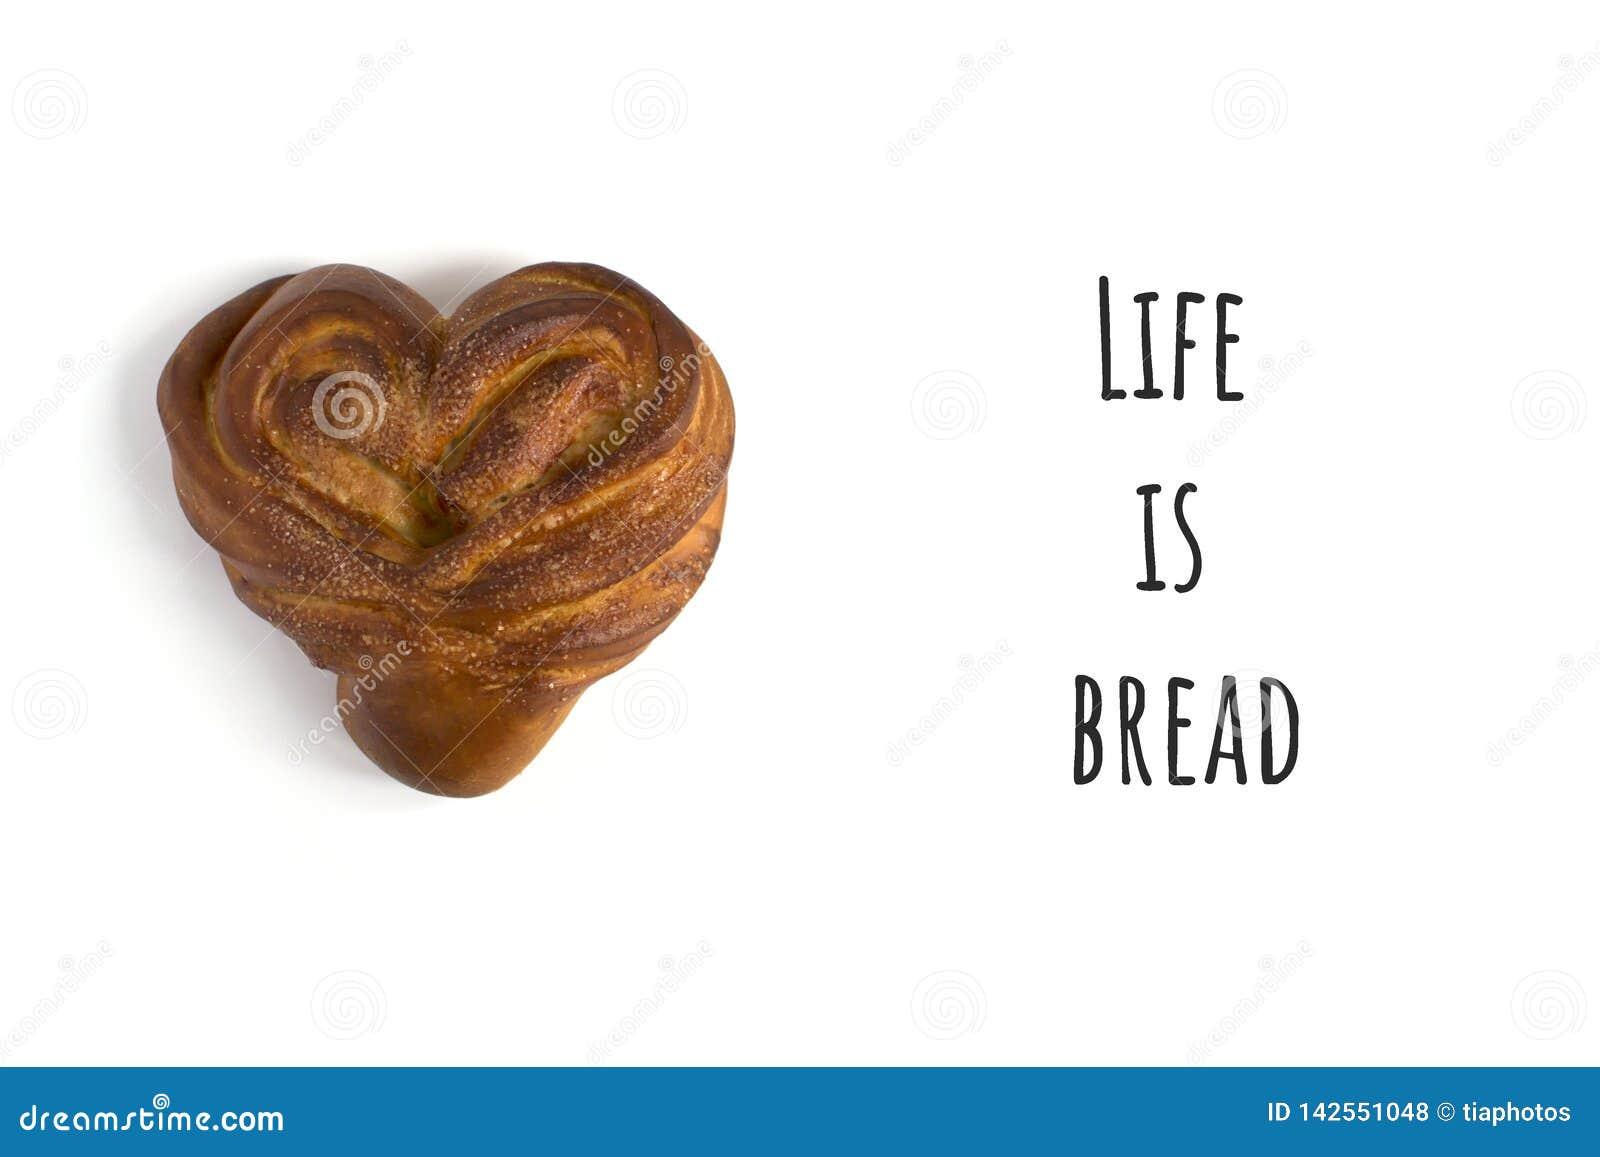 Απομονωμένο ψωμί με το κείμενο